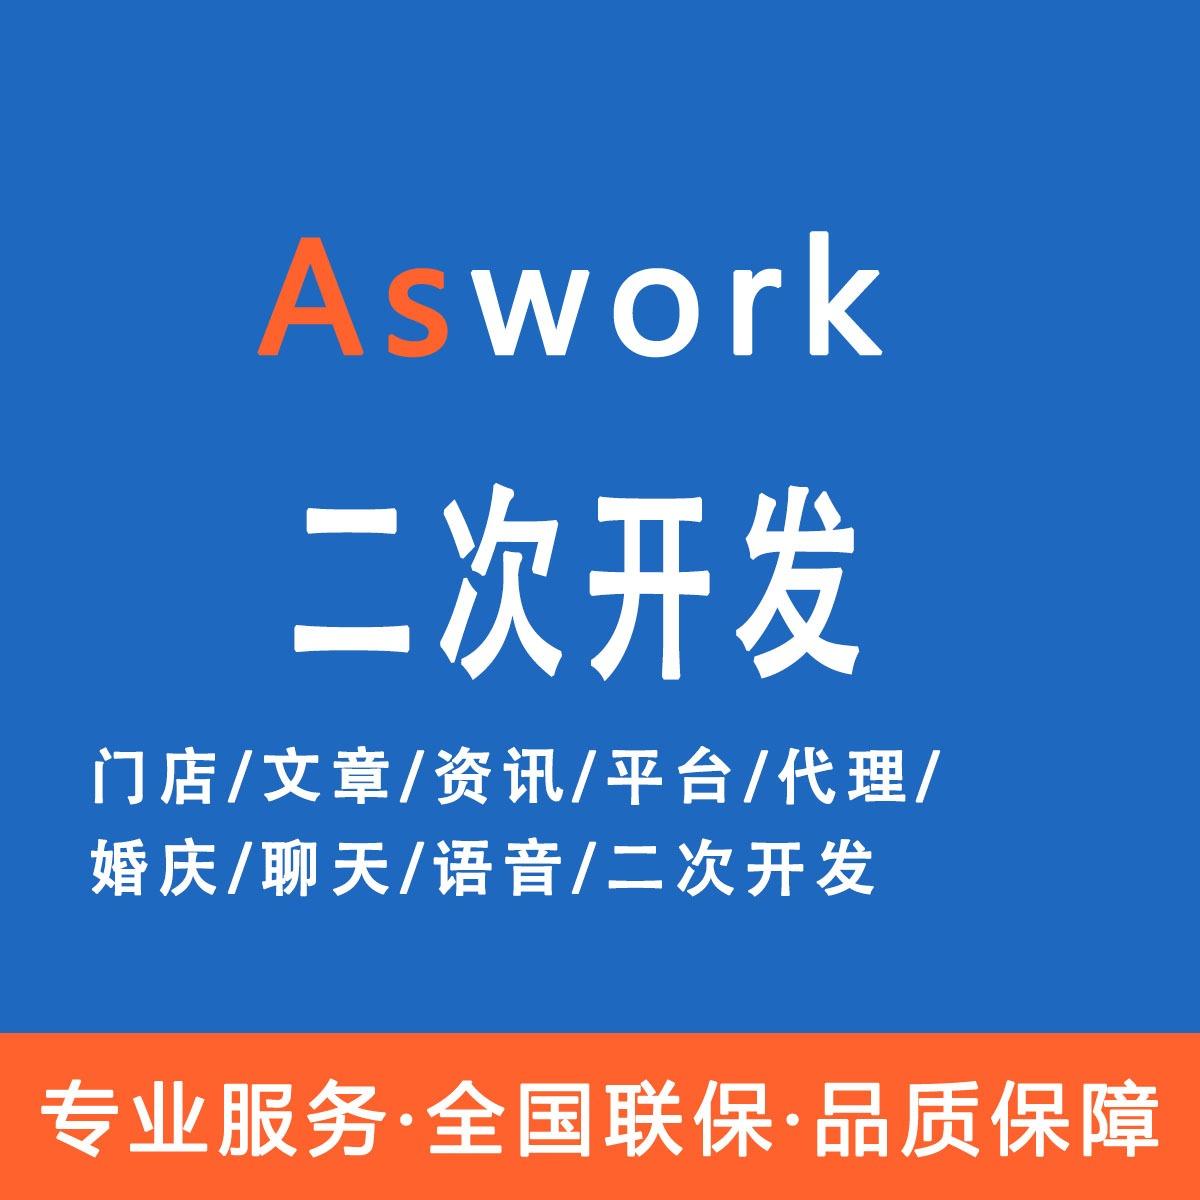 门店/文章/资讯/平台/代理/婚庆/聊天/语音/二次开发